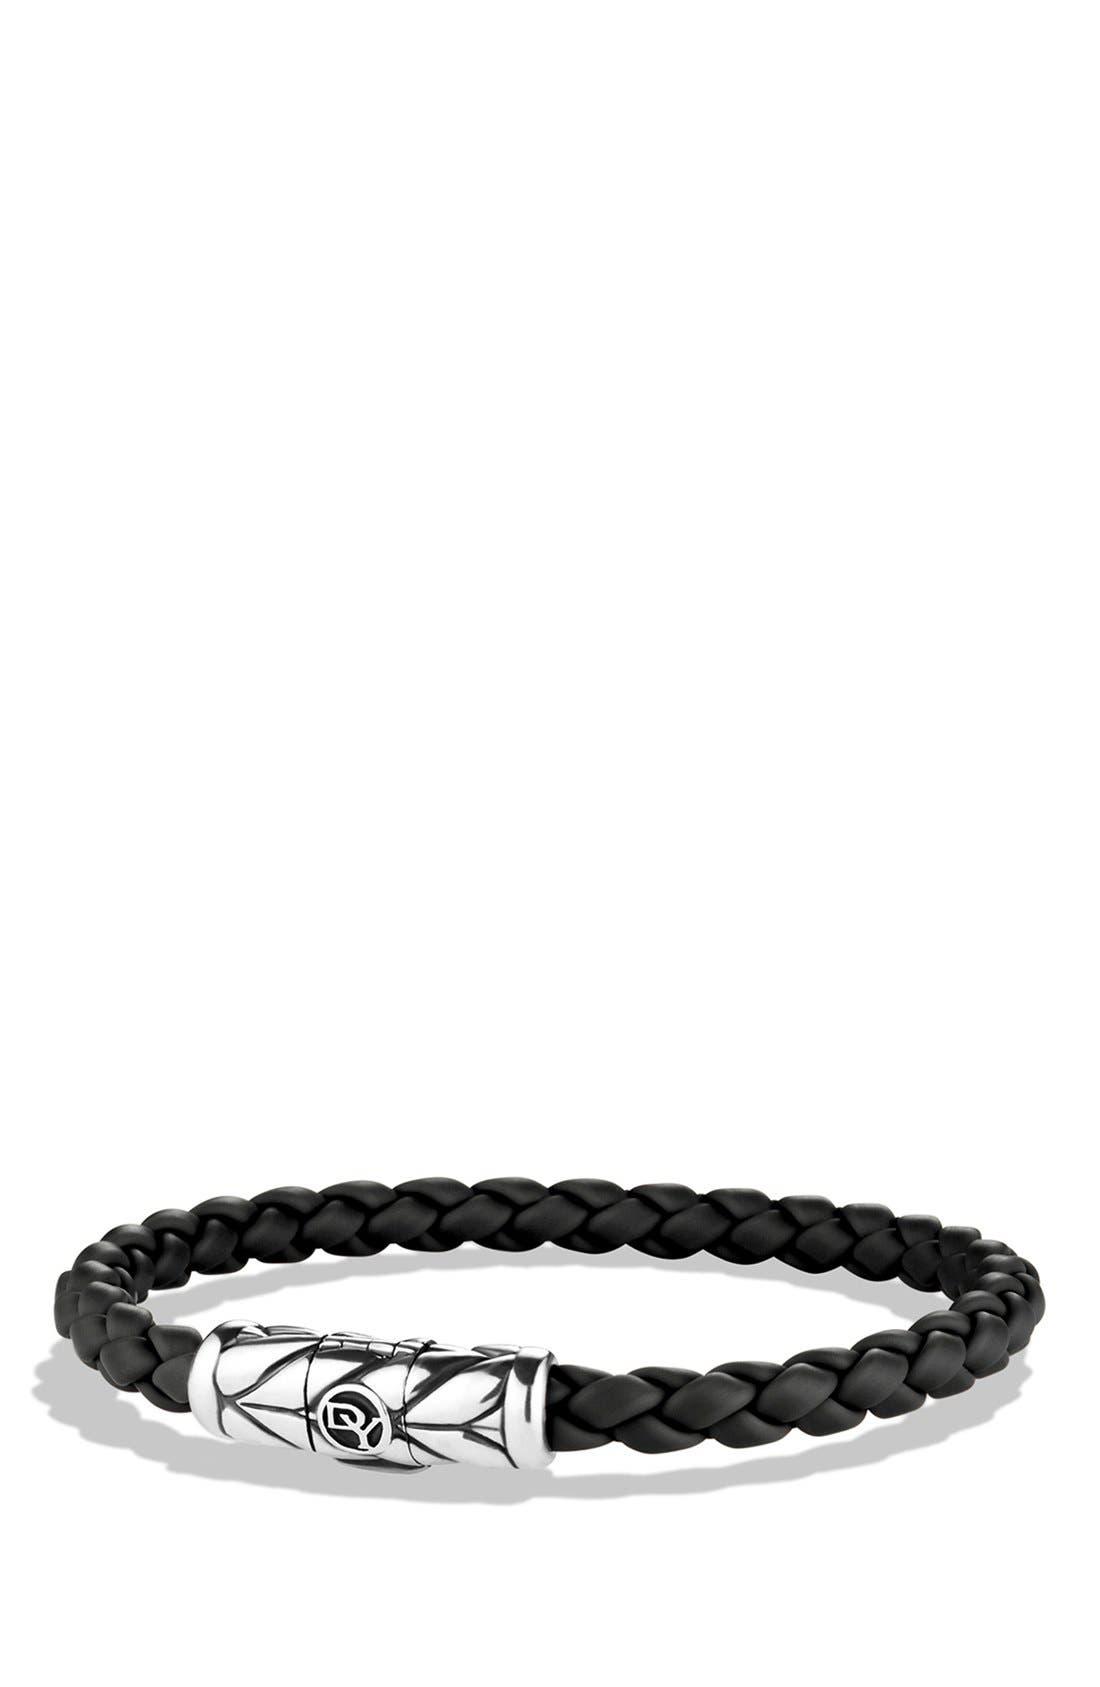 David Yurman 'Chevron' Woven Rubber Bracelet